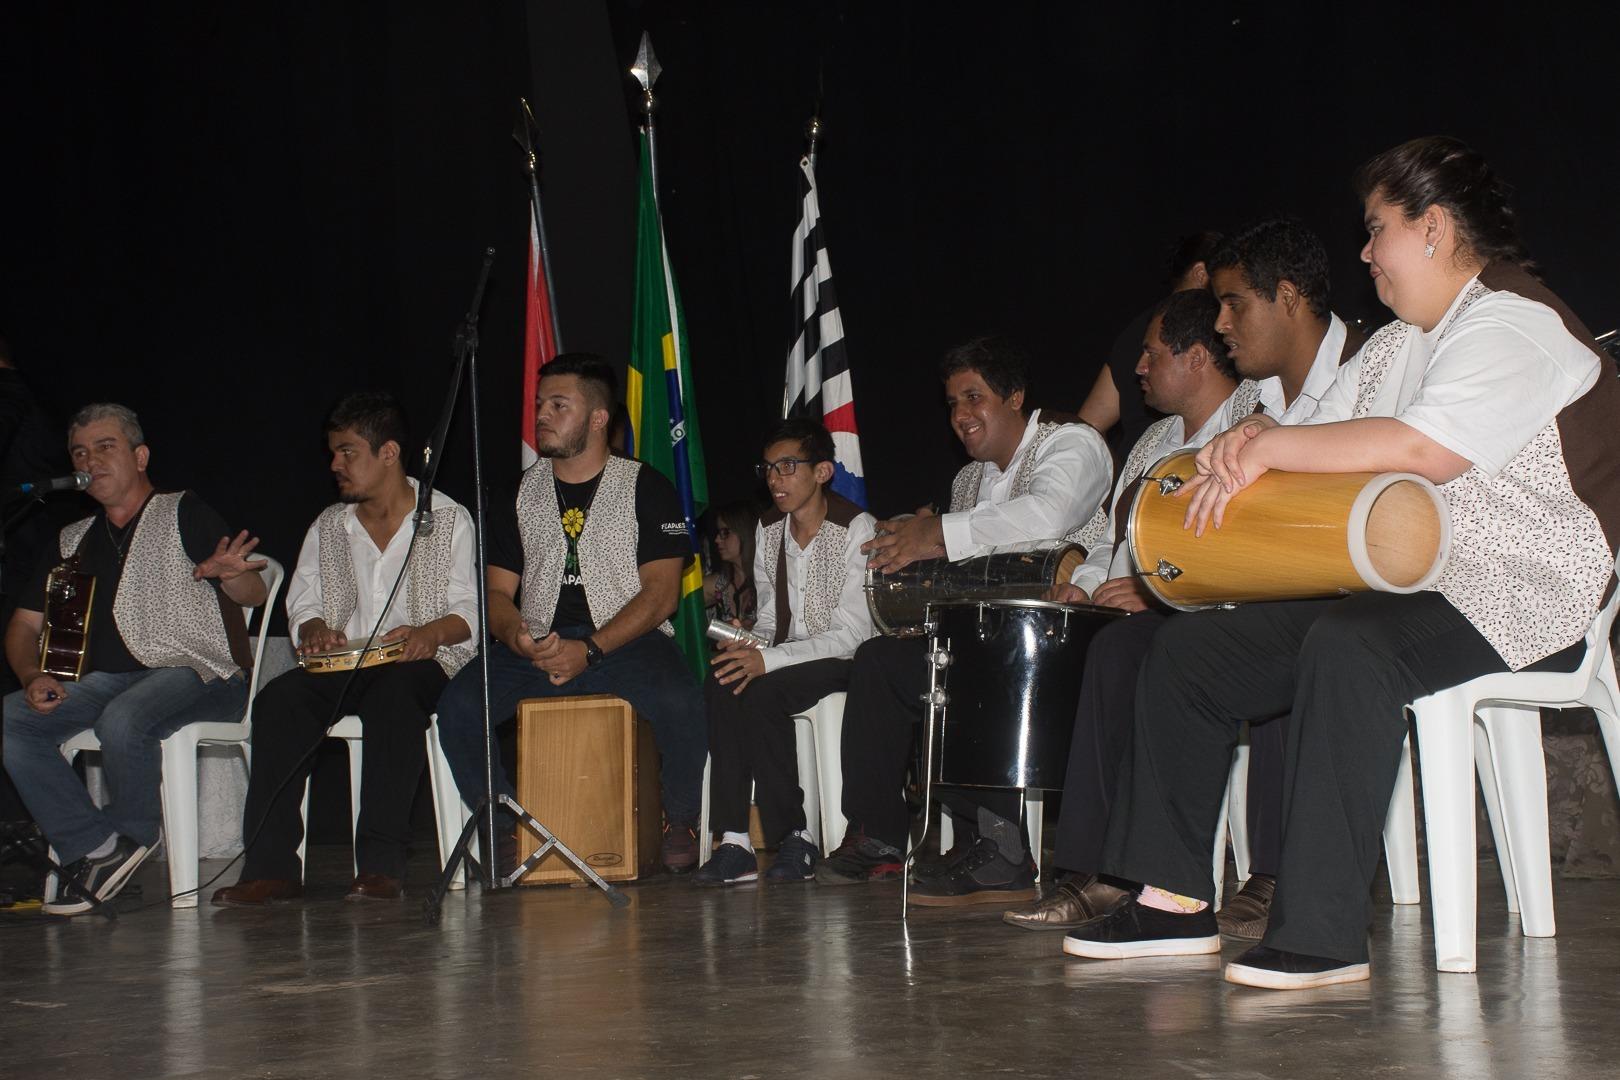 Prefeitura de Itararé (SP) incentiva meio musical na cidade